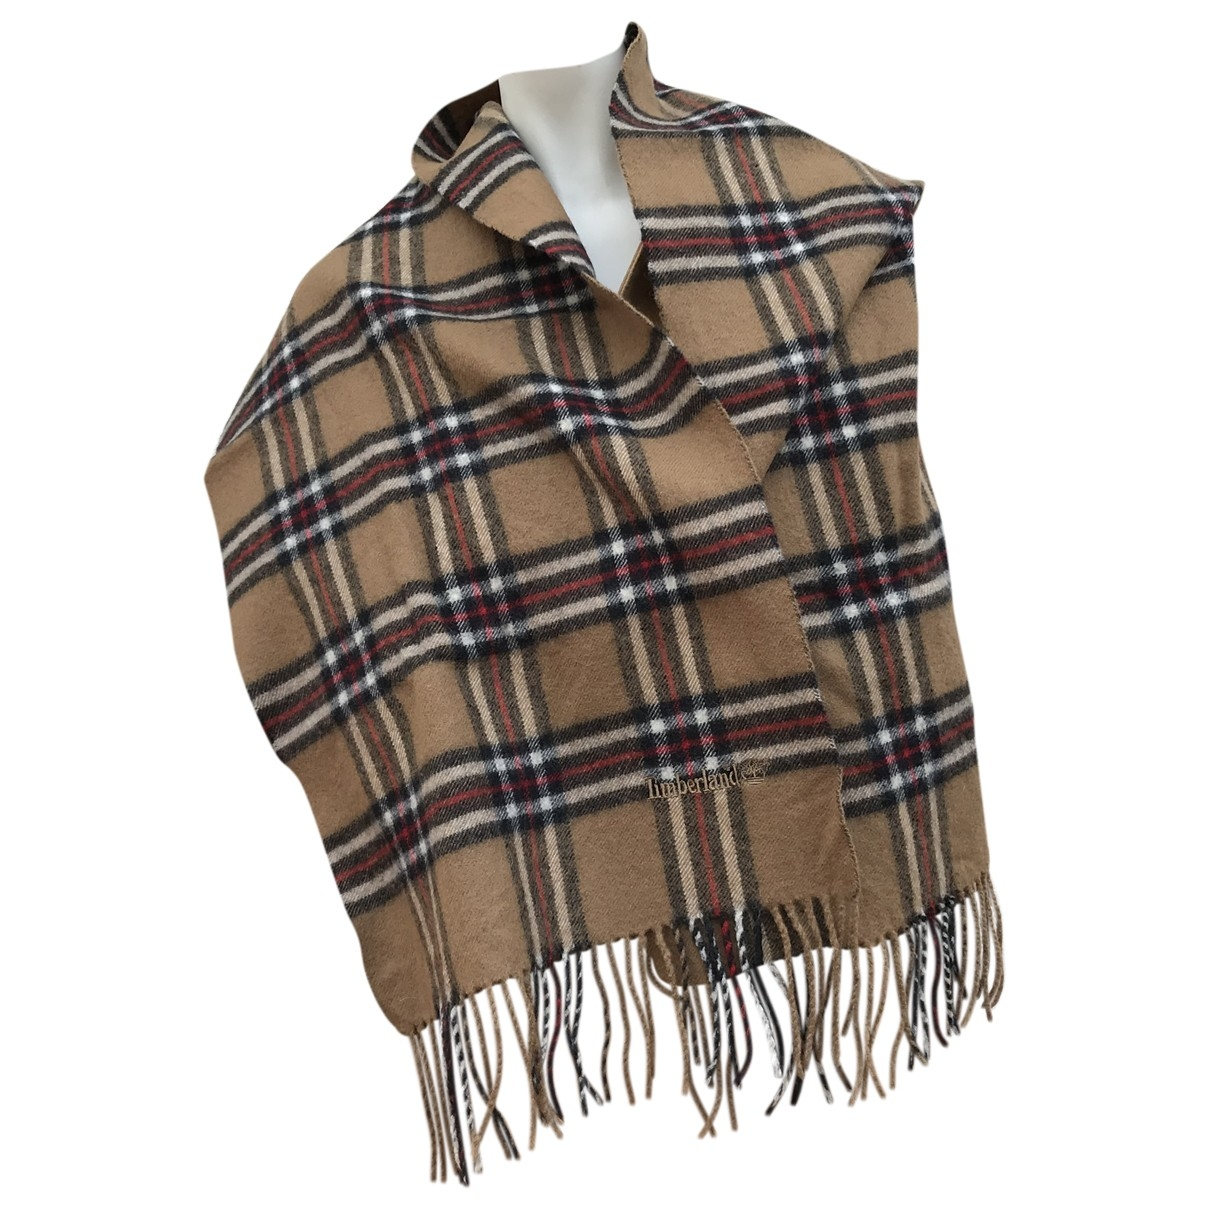 Timberland \N Tuecher, Schal in  Beige Wolle